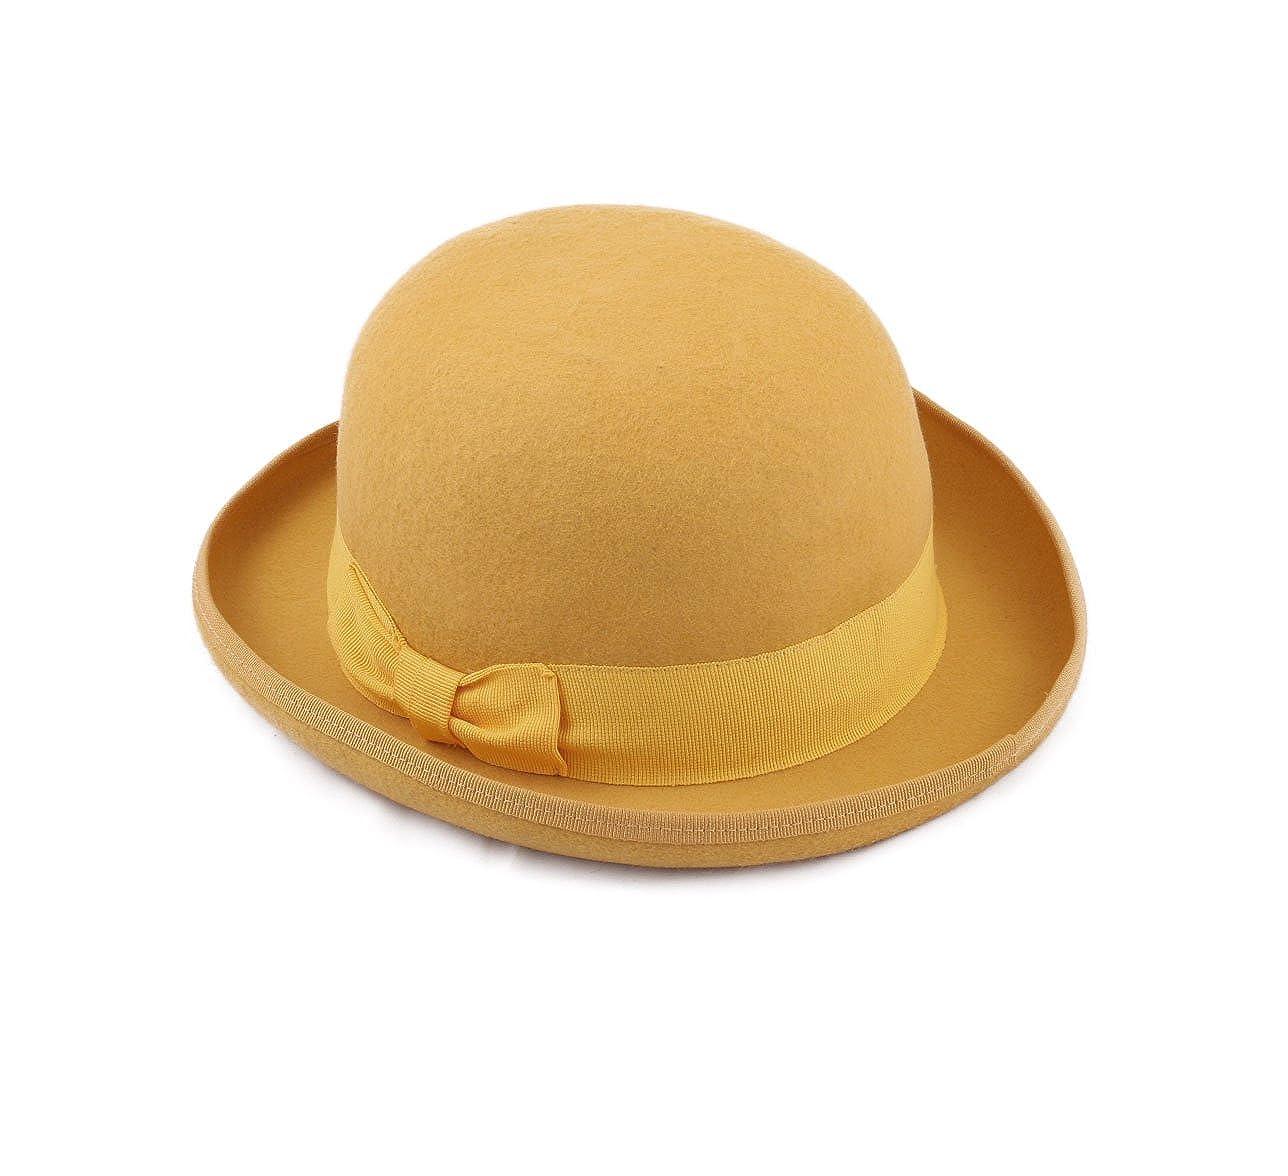 Classic Italy Cappello Bombetta Feltro Uomo Melon